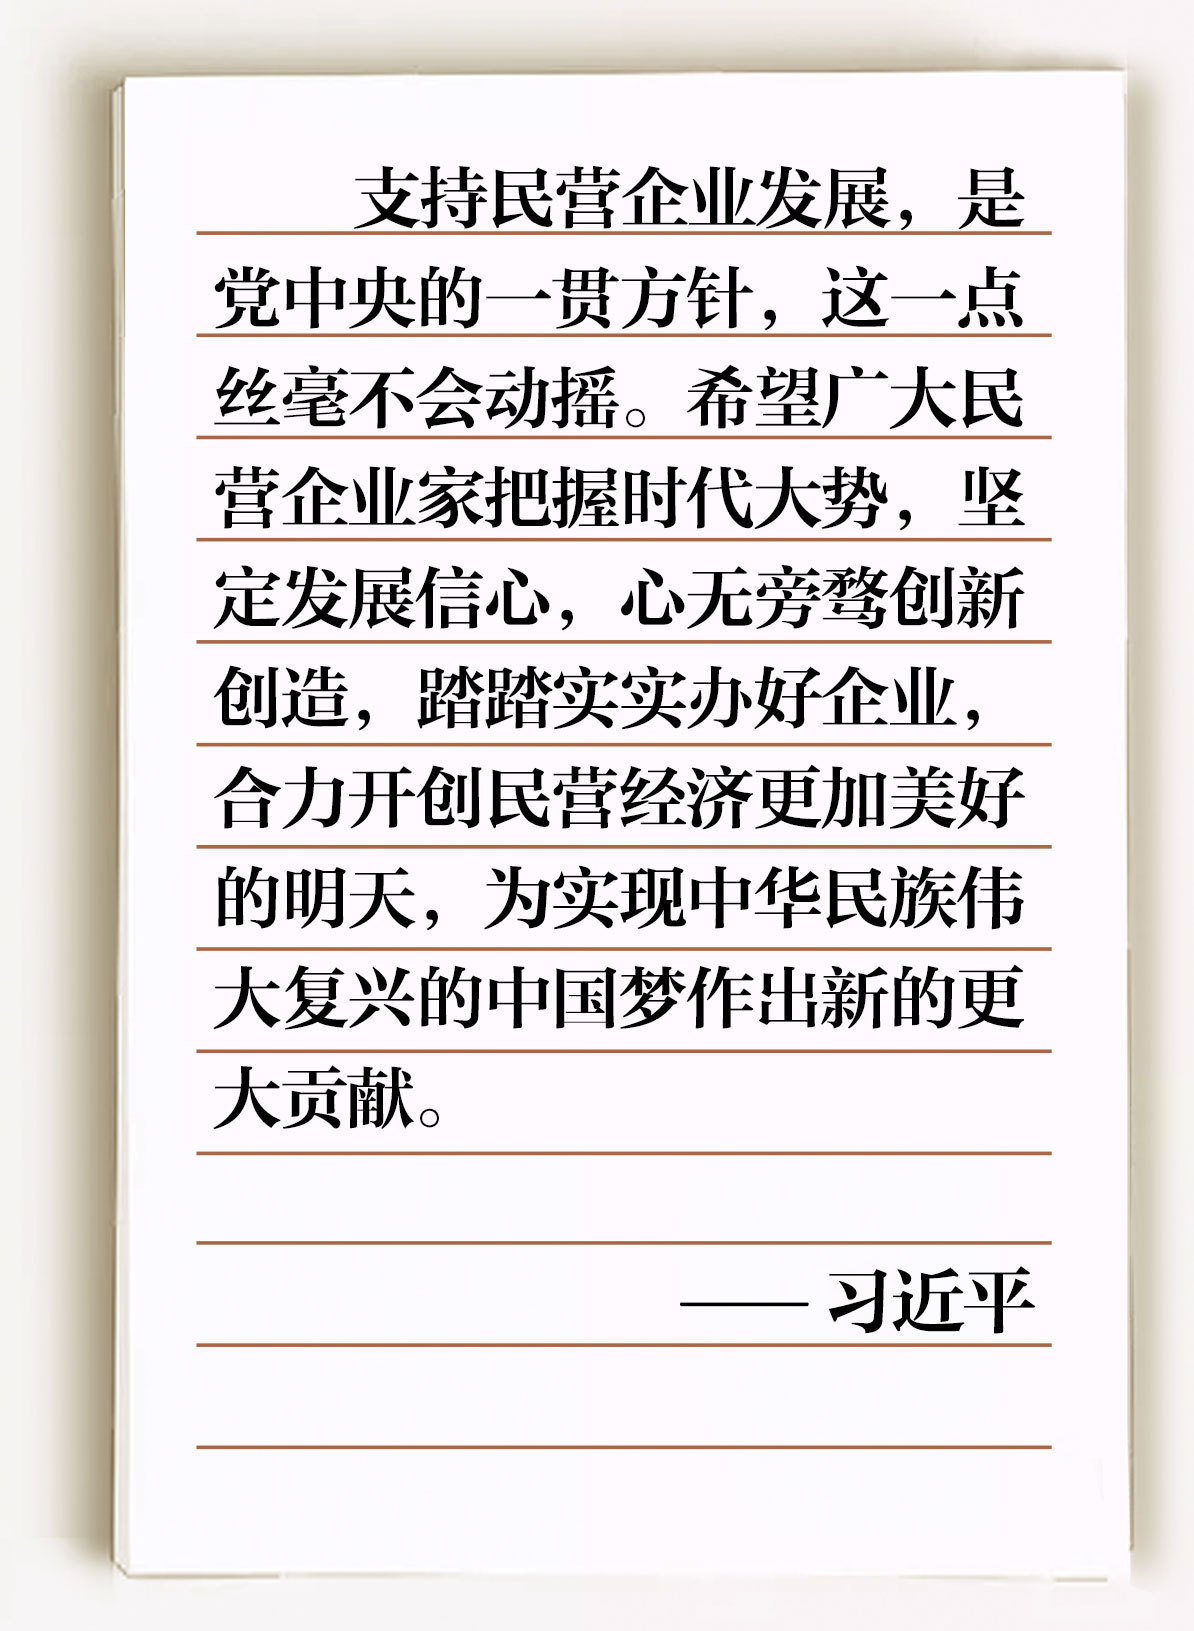 习近平的这封回信 讲到了办好企业的根子上|崔根良|亨通集团